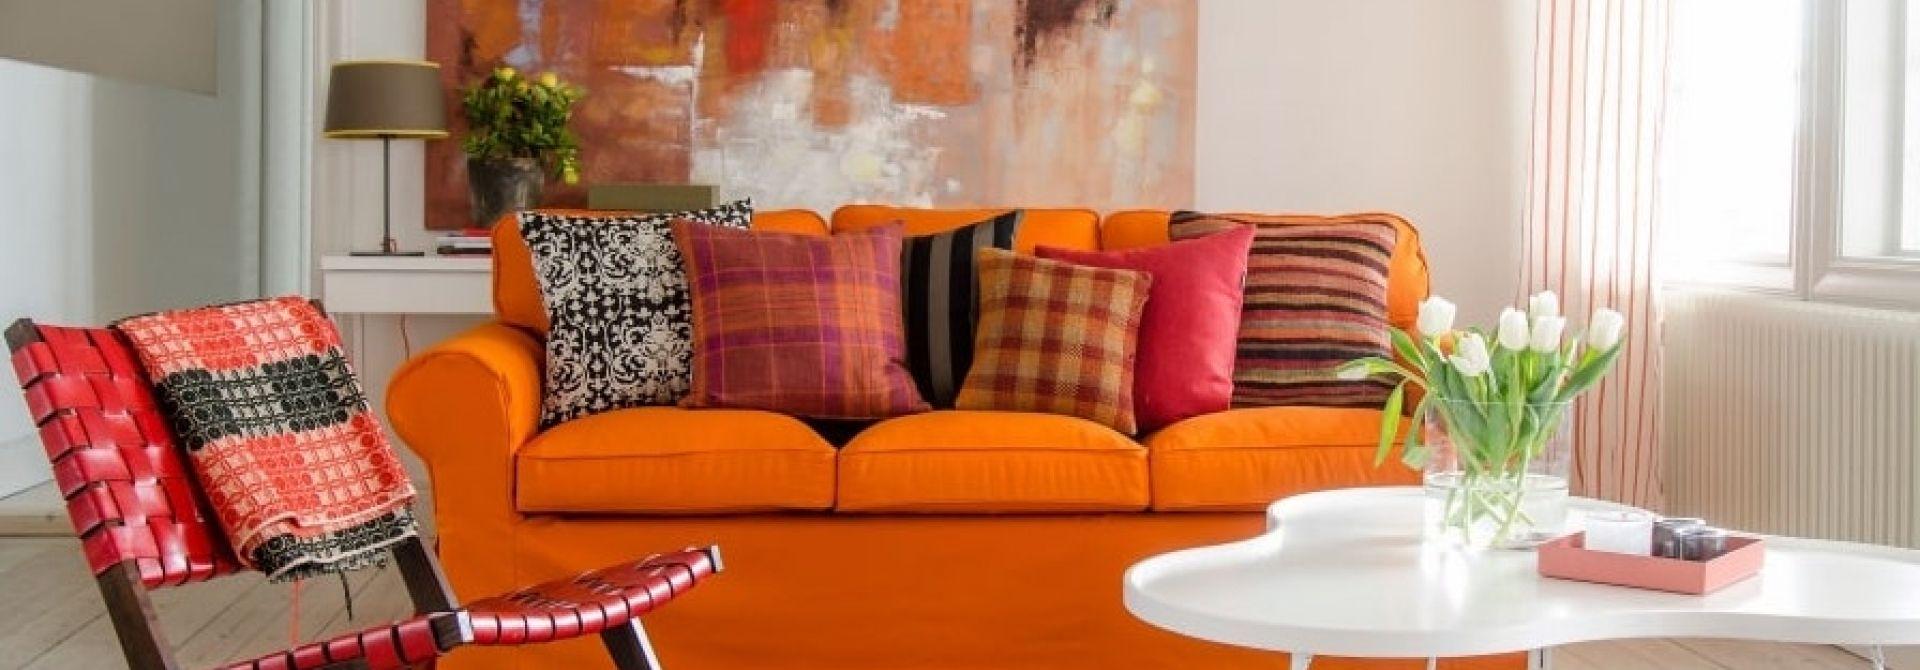 Les couleurs d\'ambiance et psychologie: l\'orange | Blog SIMON